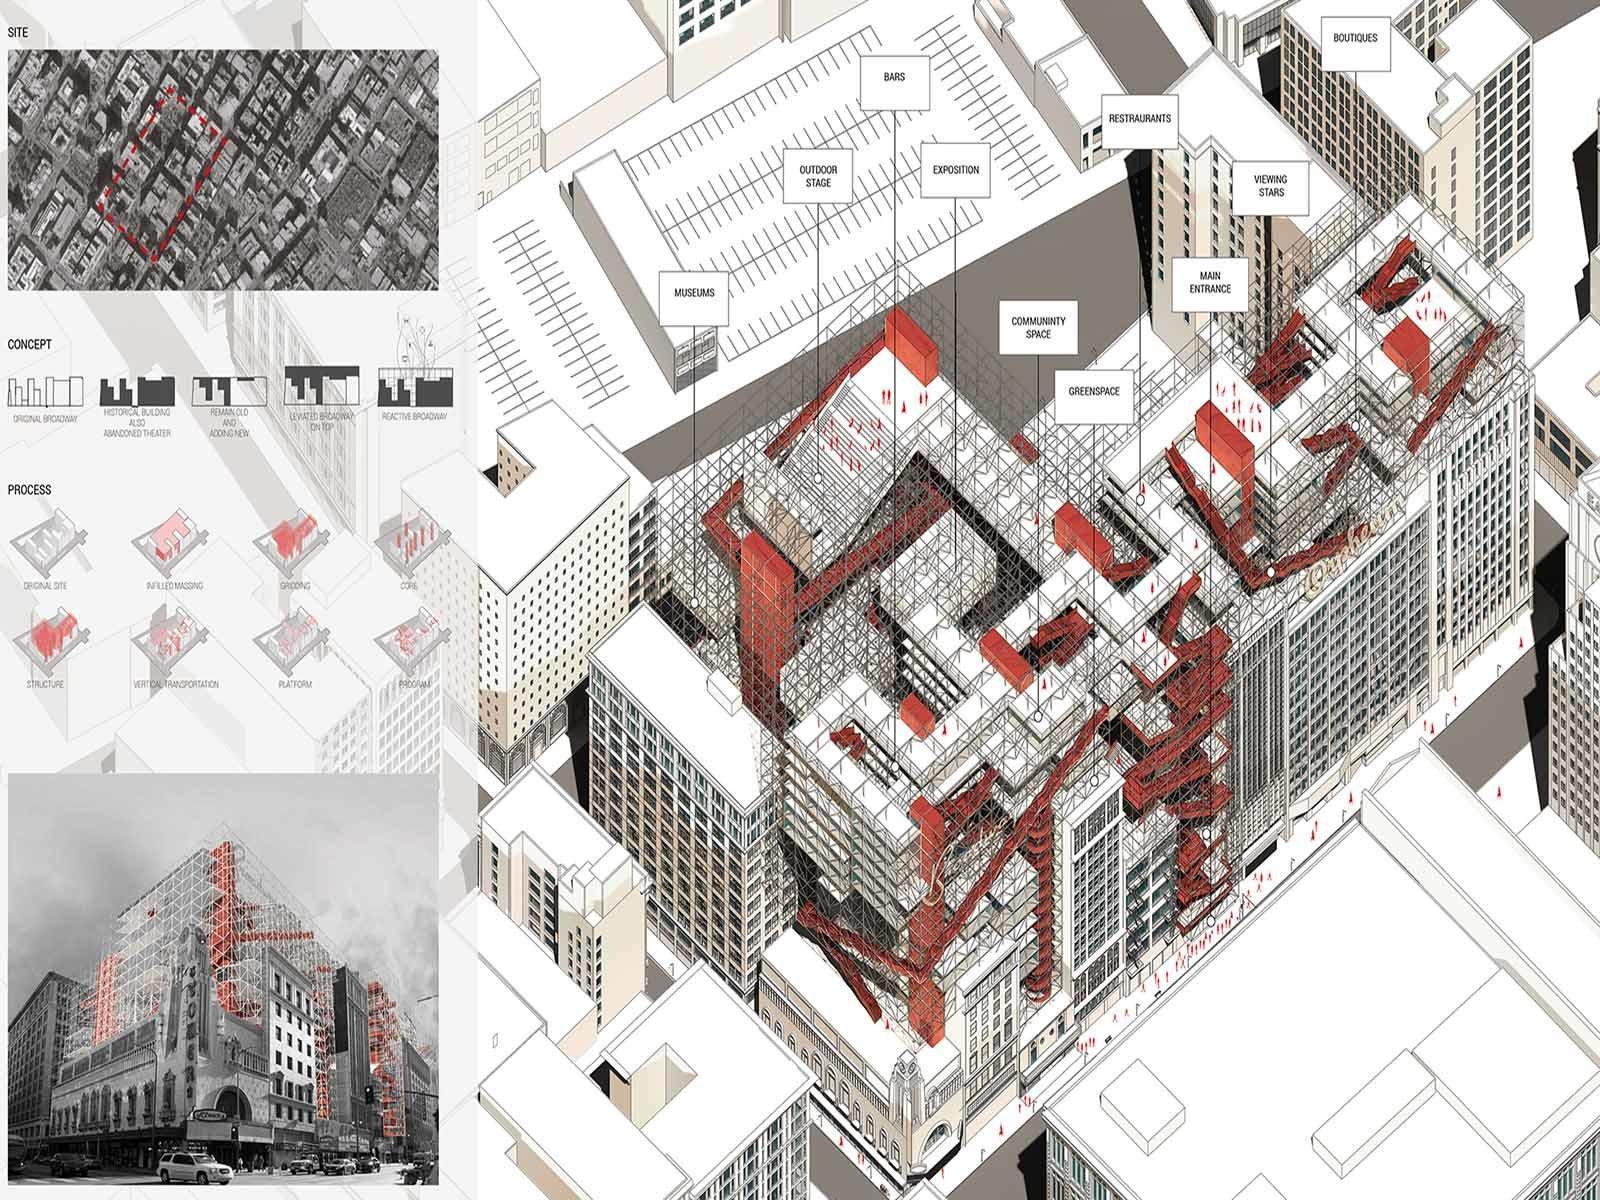 """Проект """"Левитирующий Бродвей"""" был создан для восстановления архитектурного центра города"""